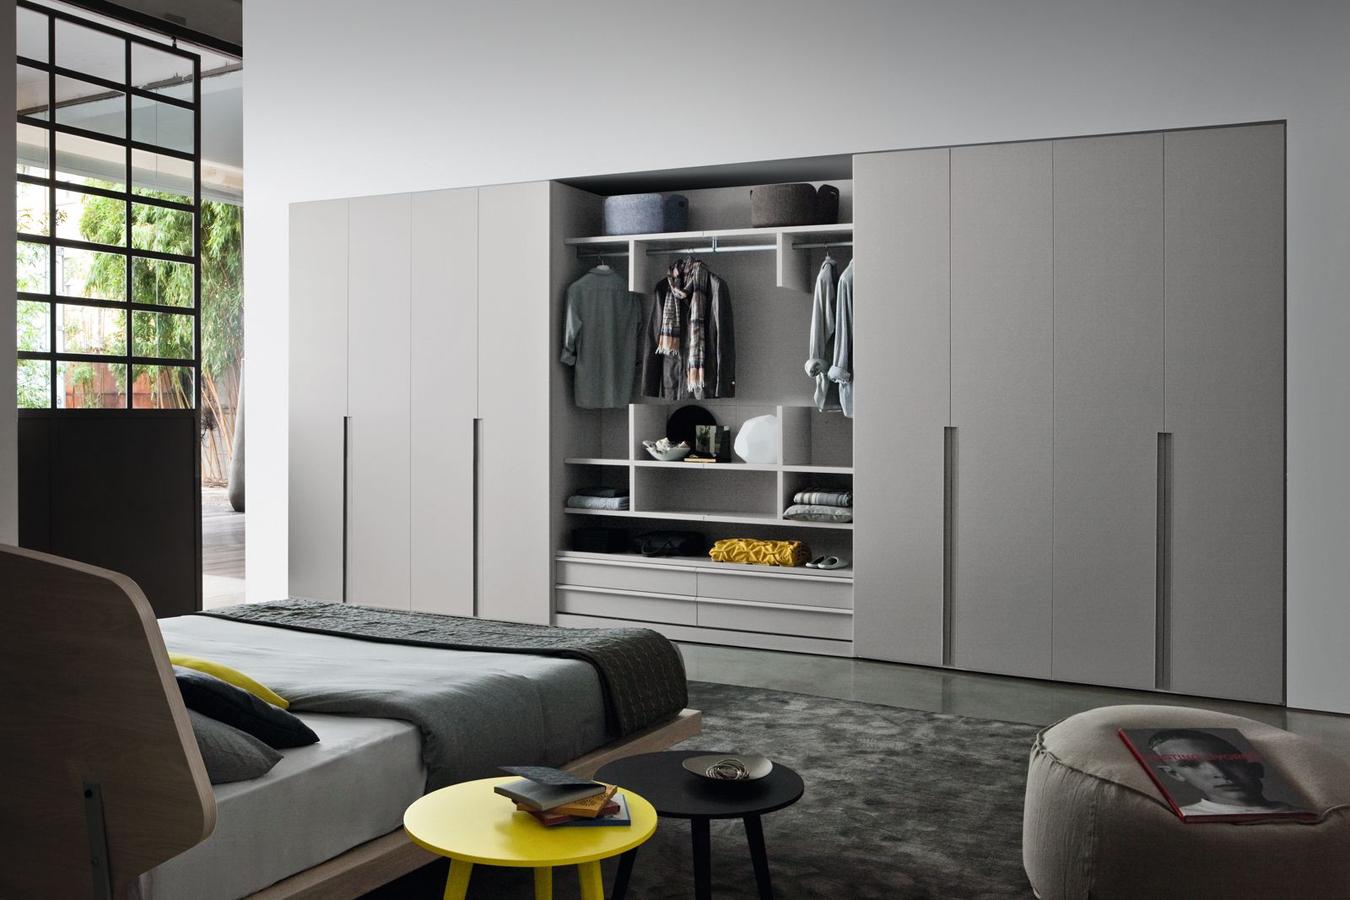 Armadi e cabine armadio righetti mobili novara for Armadi camere da letto prezzi